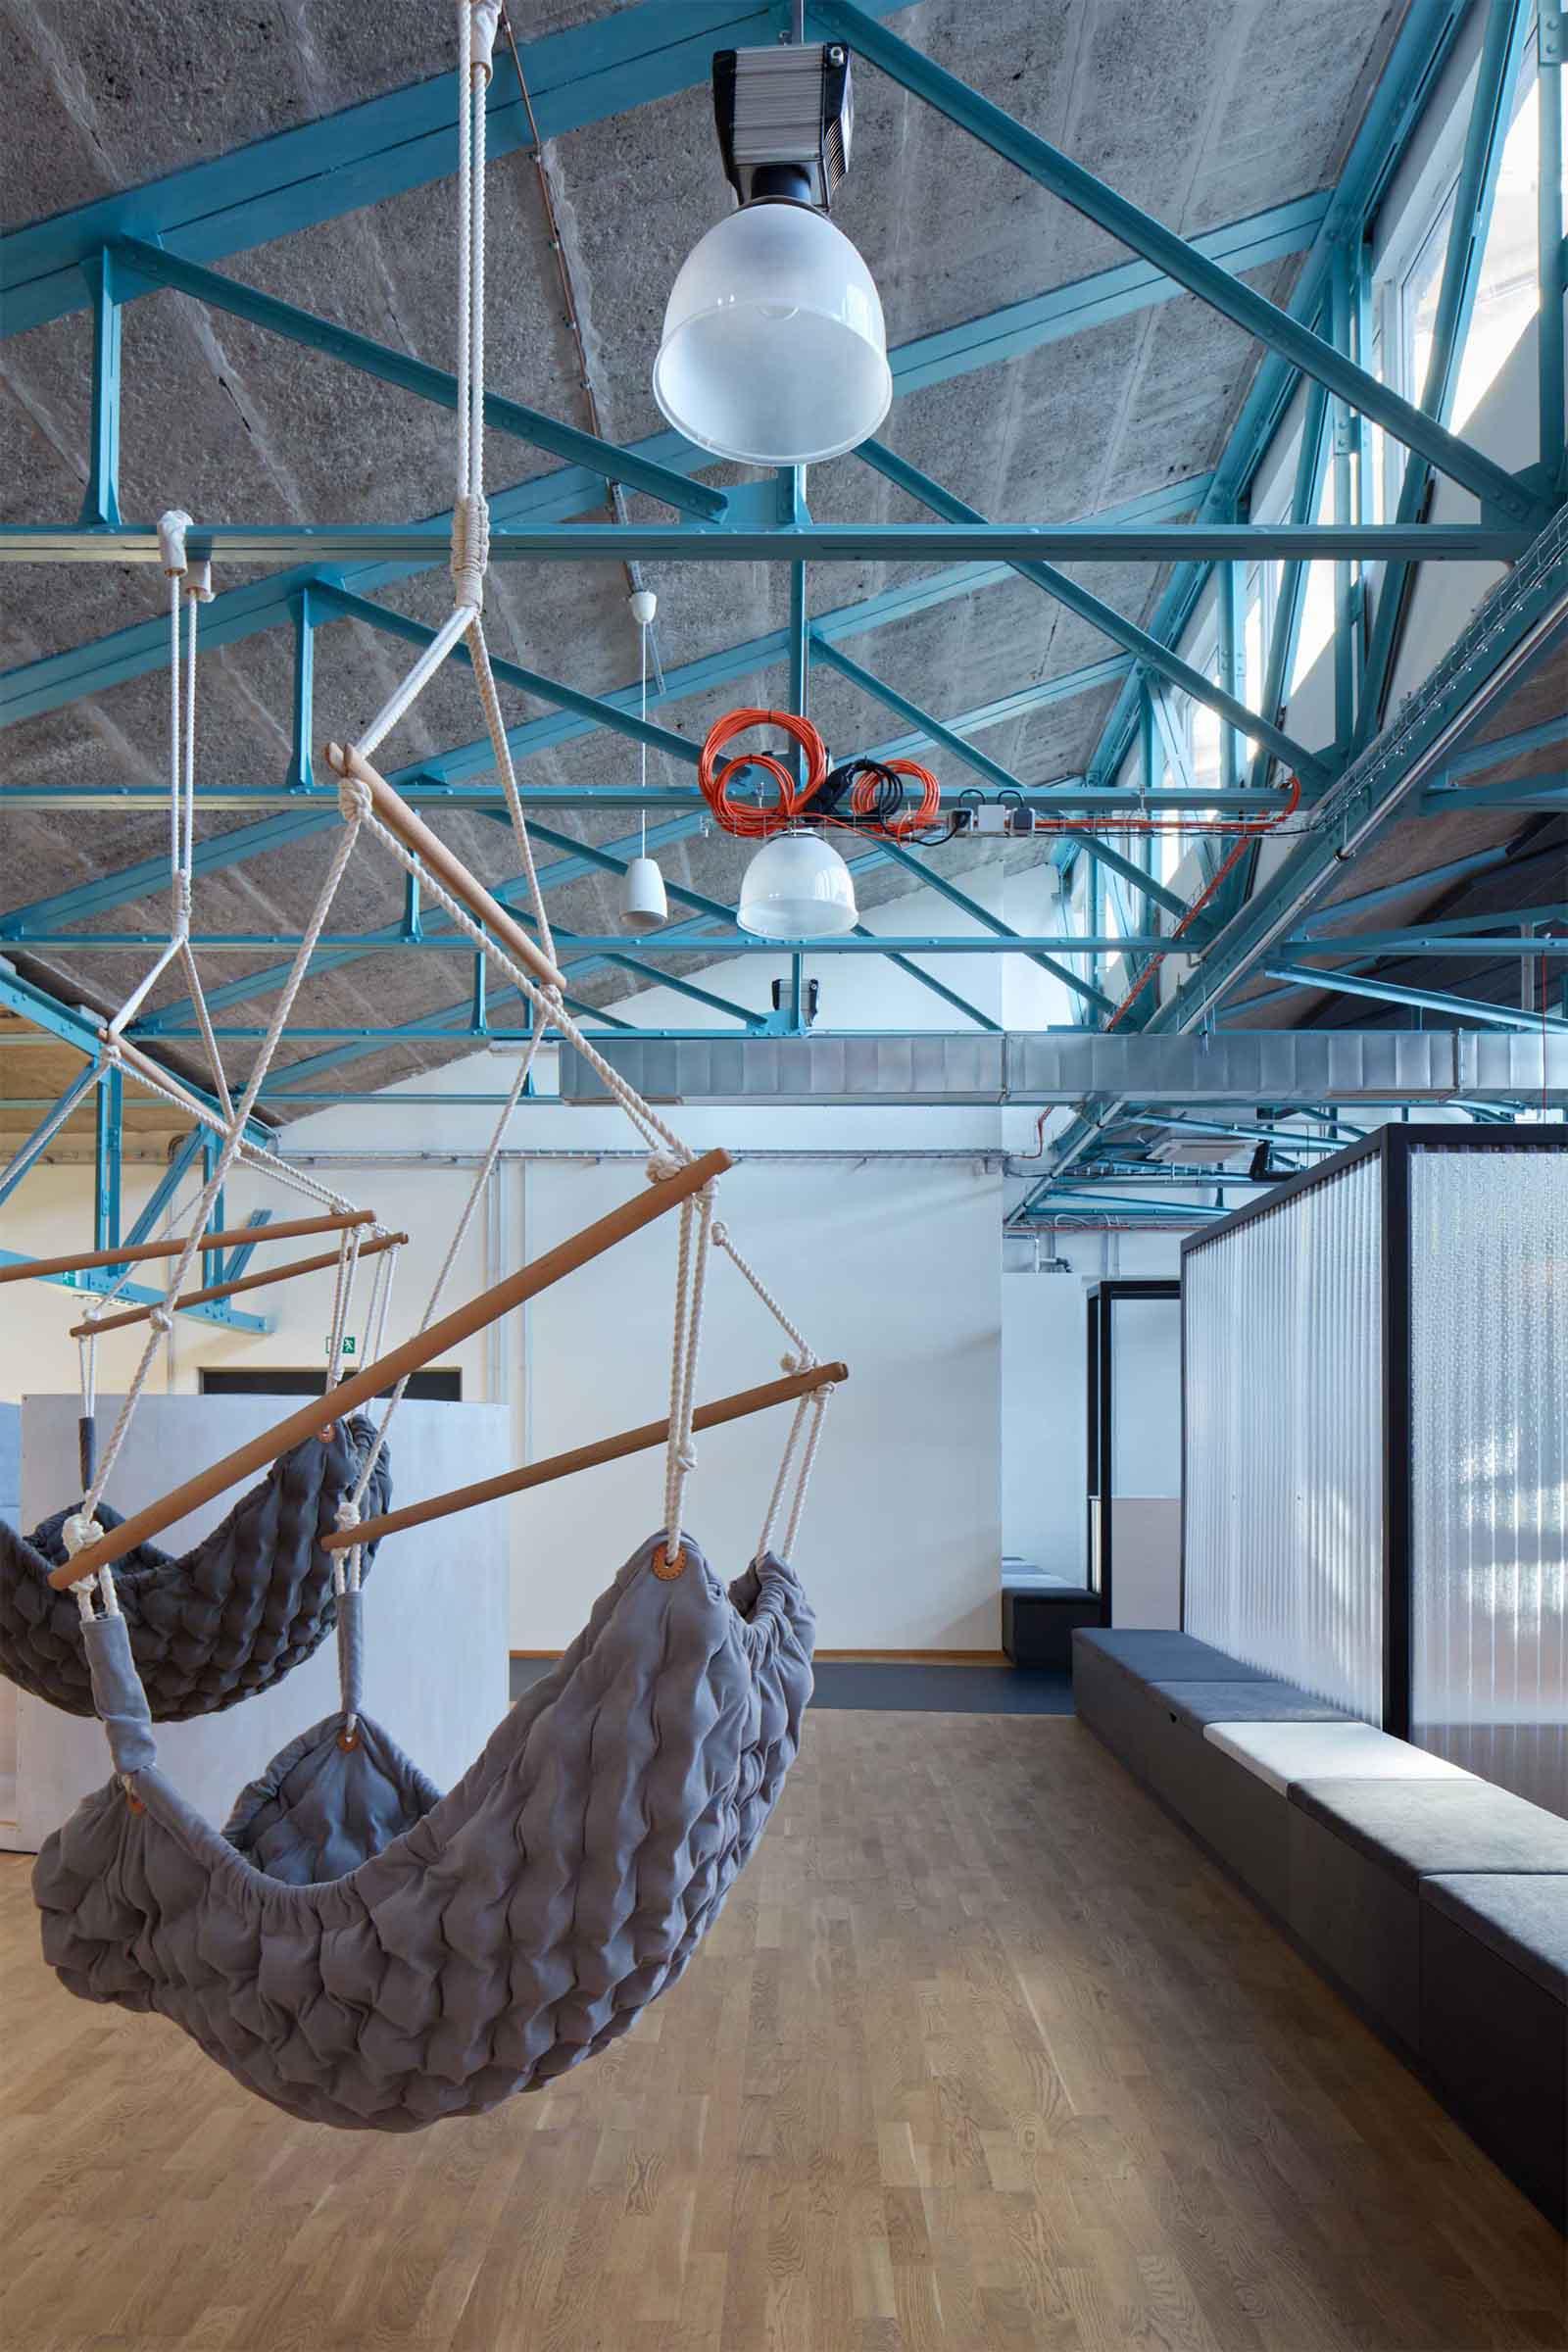 Kanceláře Sinnerschrader Praha - relaxační zóna, kterou vizuálně odděluje od pracovního prostoru řada lavic s úložným prostorem. Autor: Kurz architekti